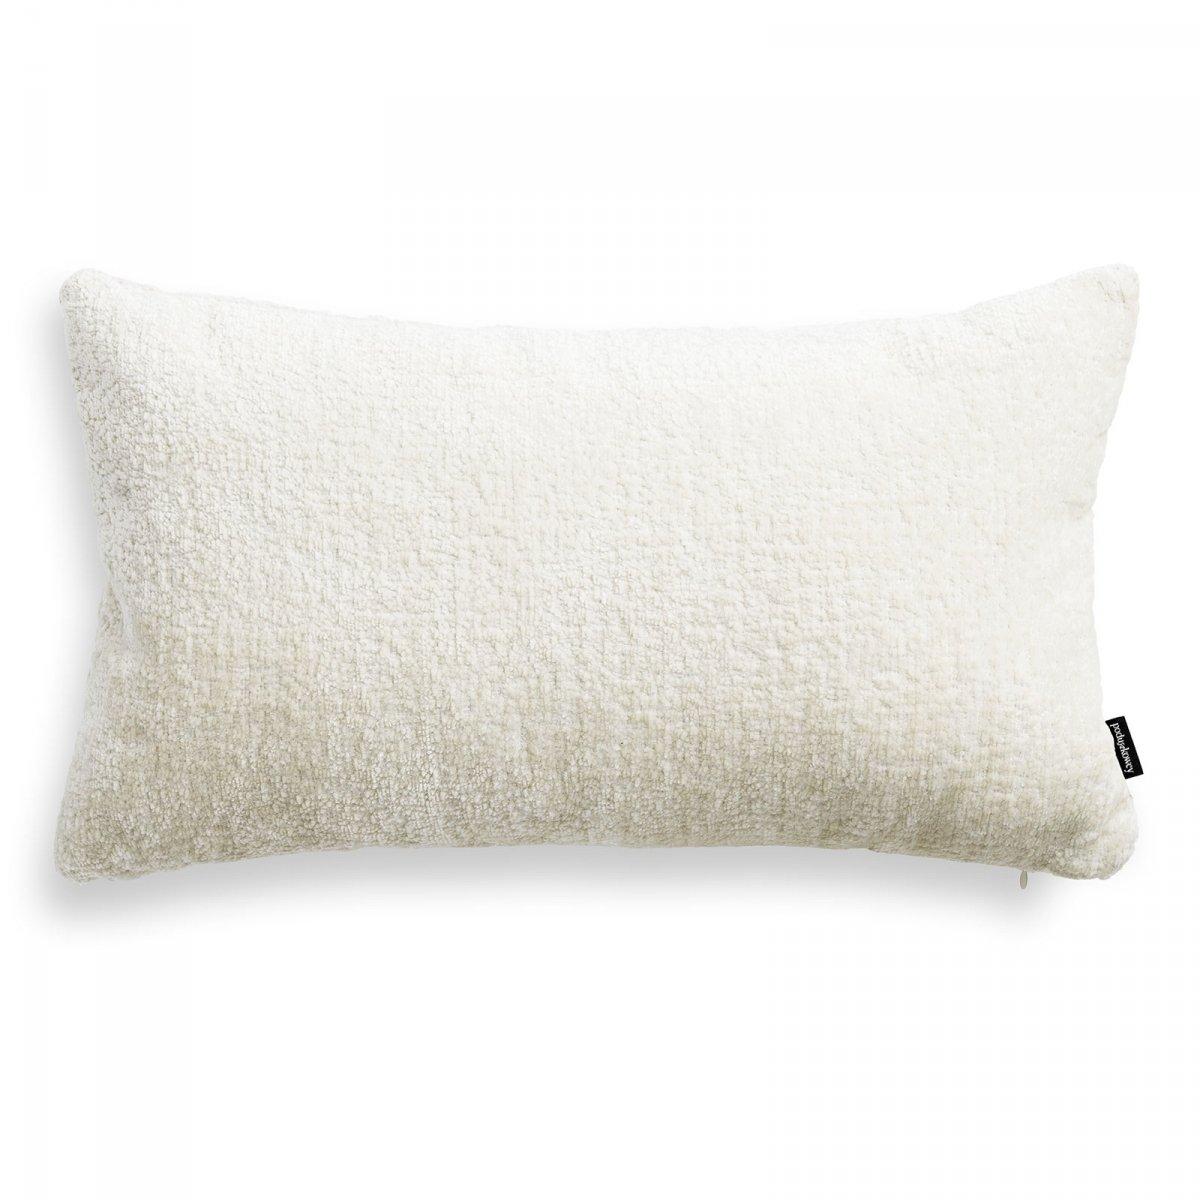 Bergen kremowa poduszka dekoracyjna 50x30